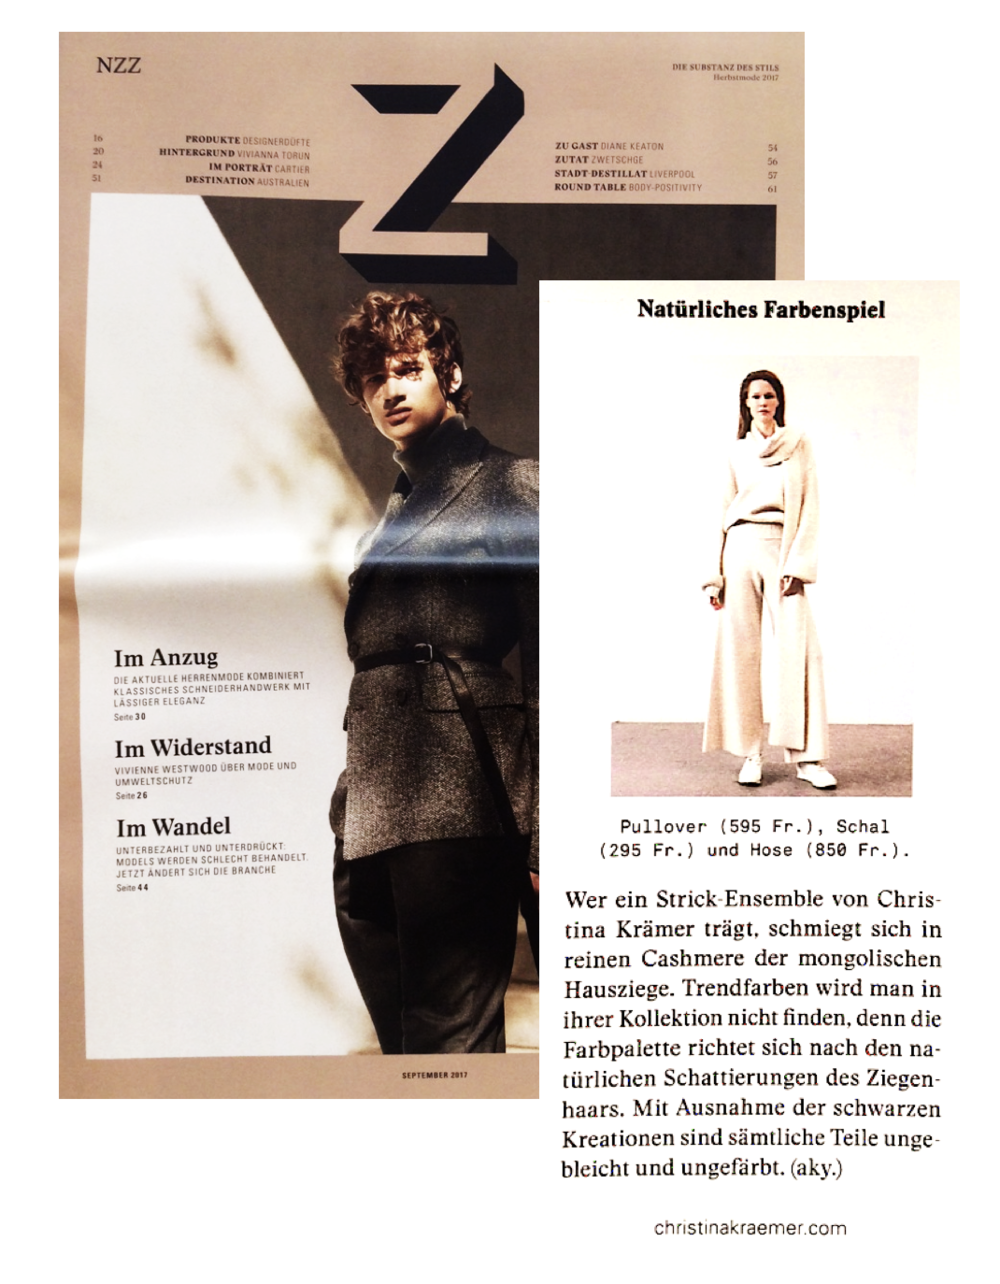 NZZ Z-MAGAZINE 9/17